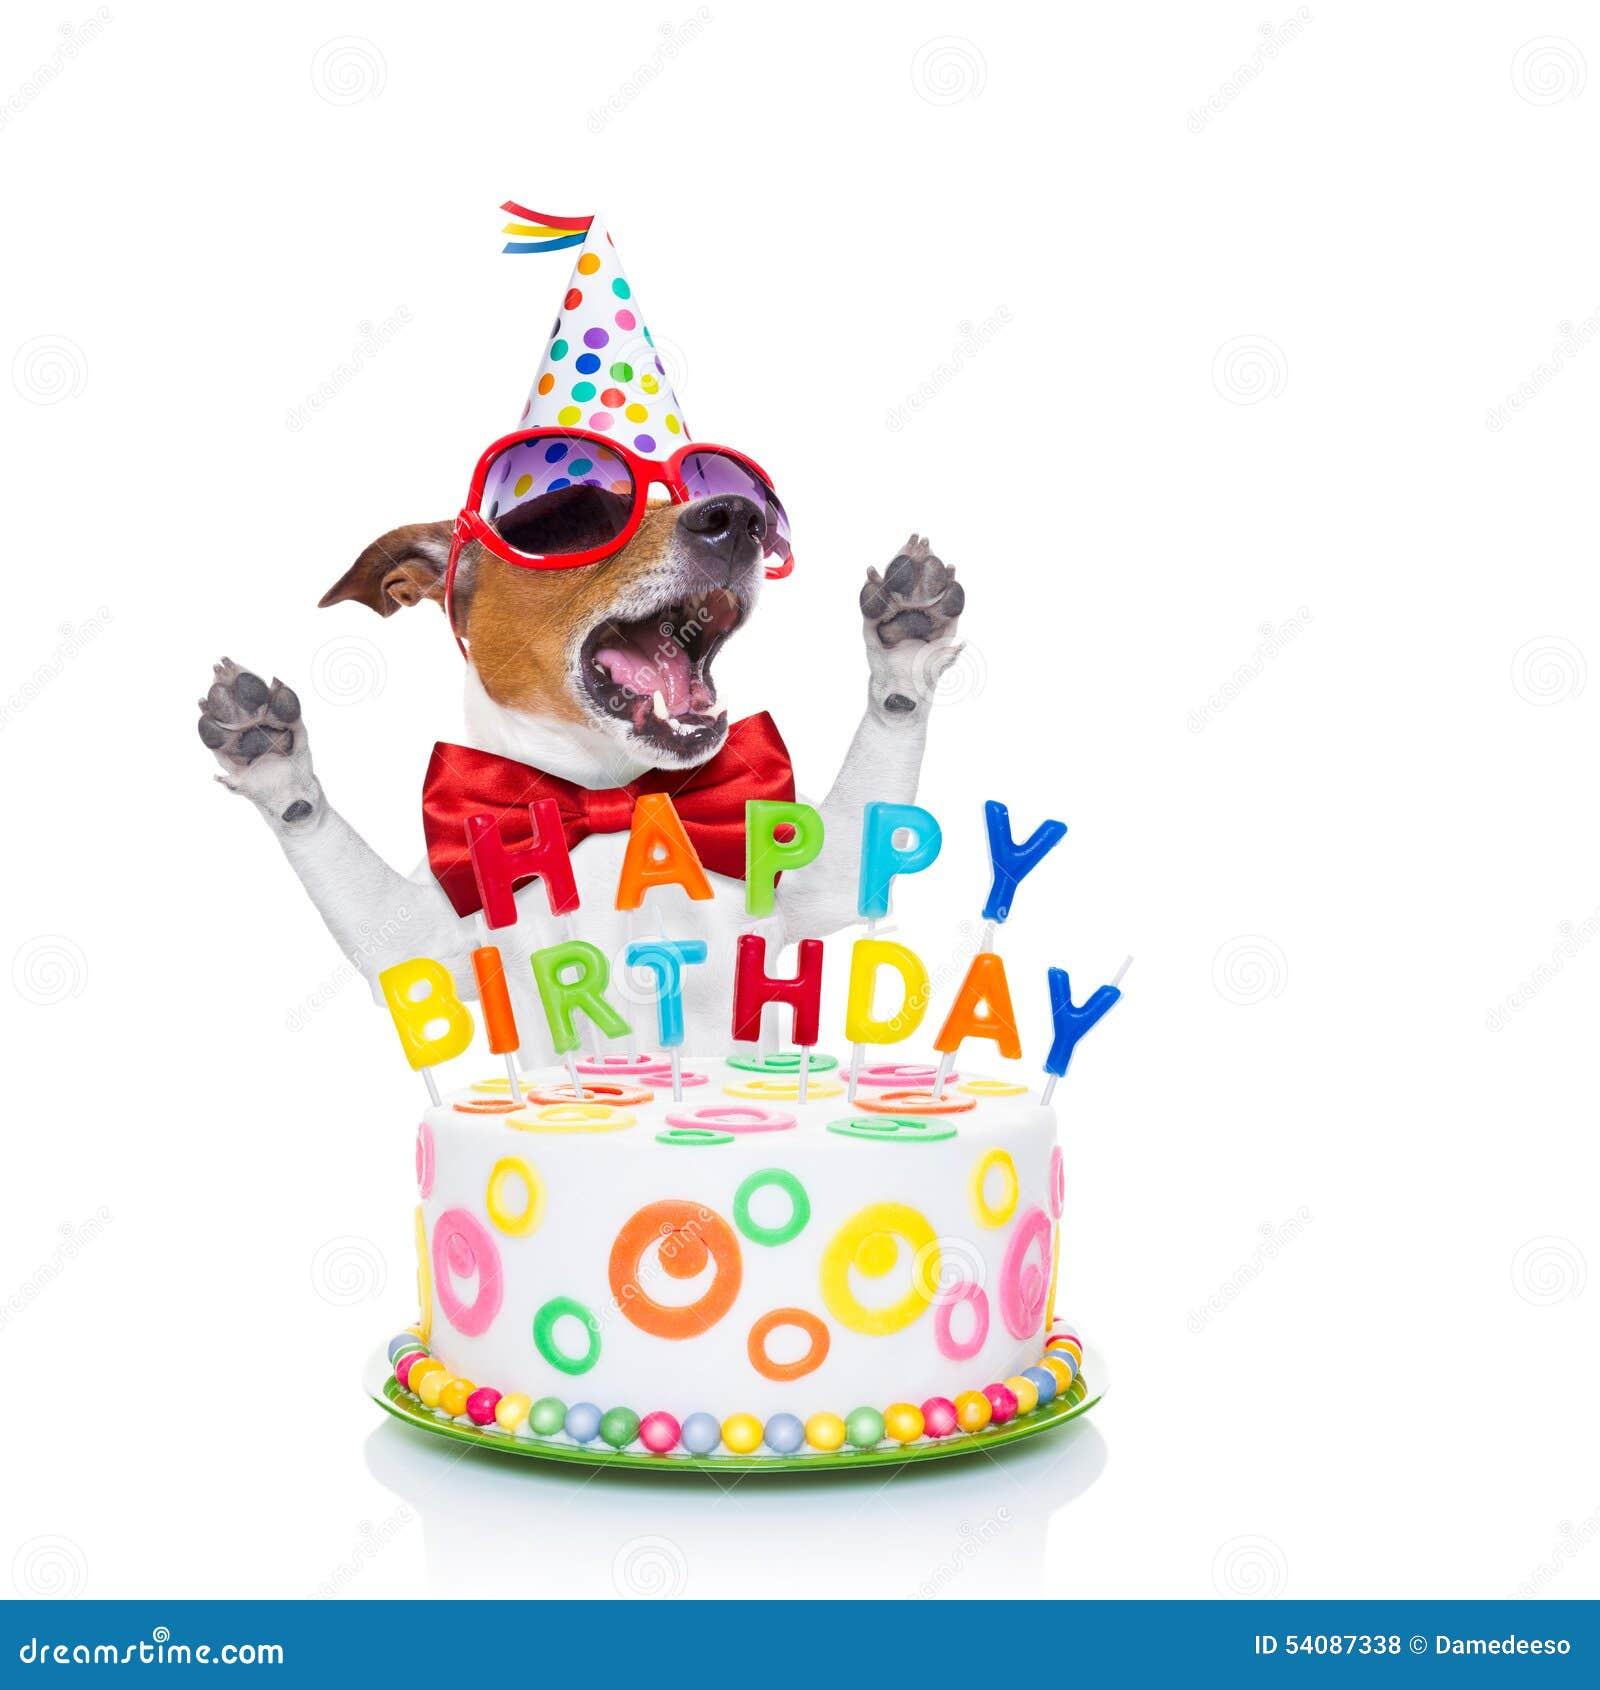 Happy birthday dog singing stock photo. Image of cake - 54087338